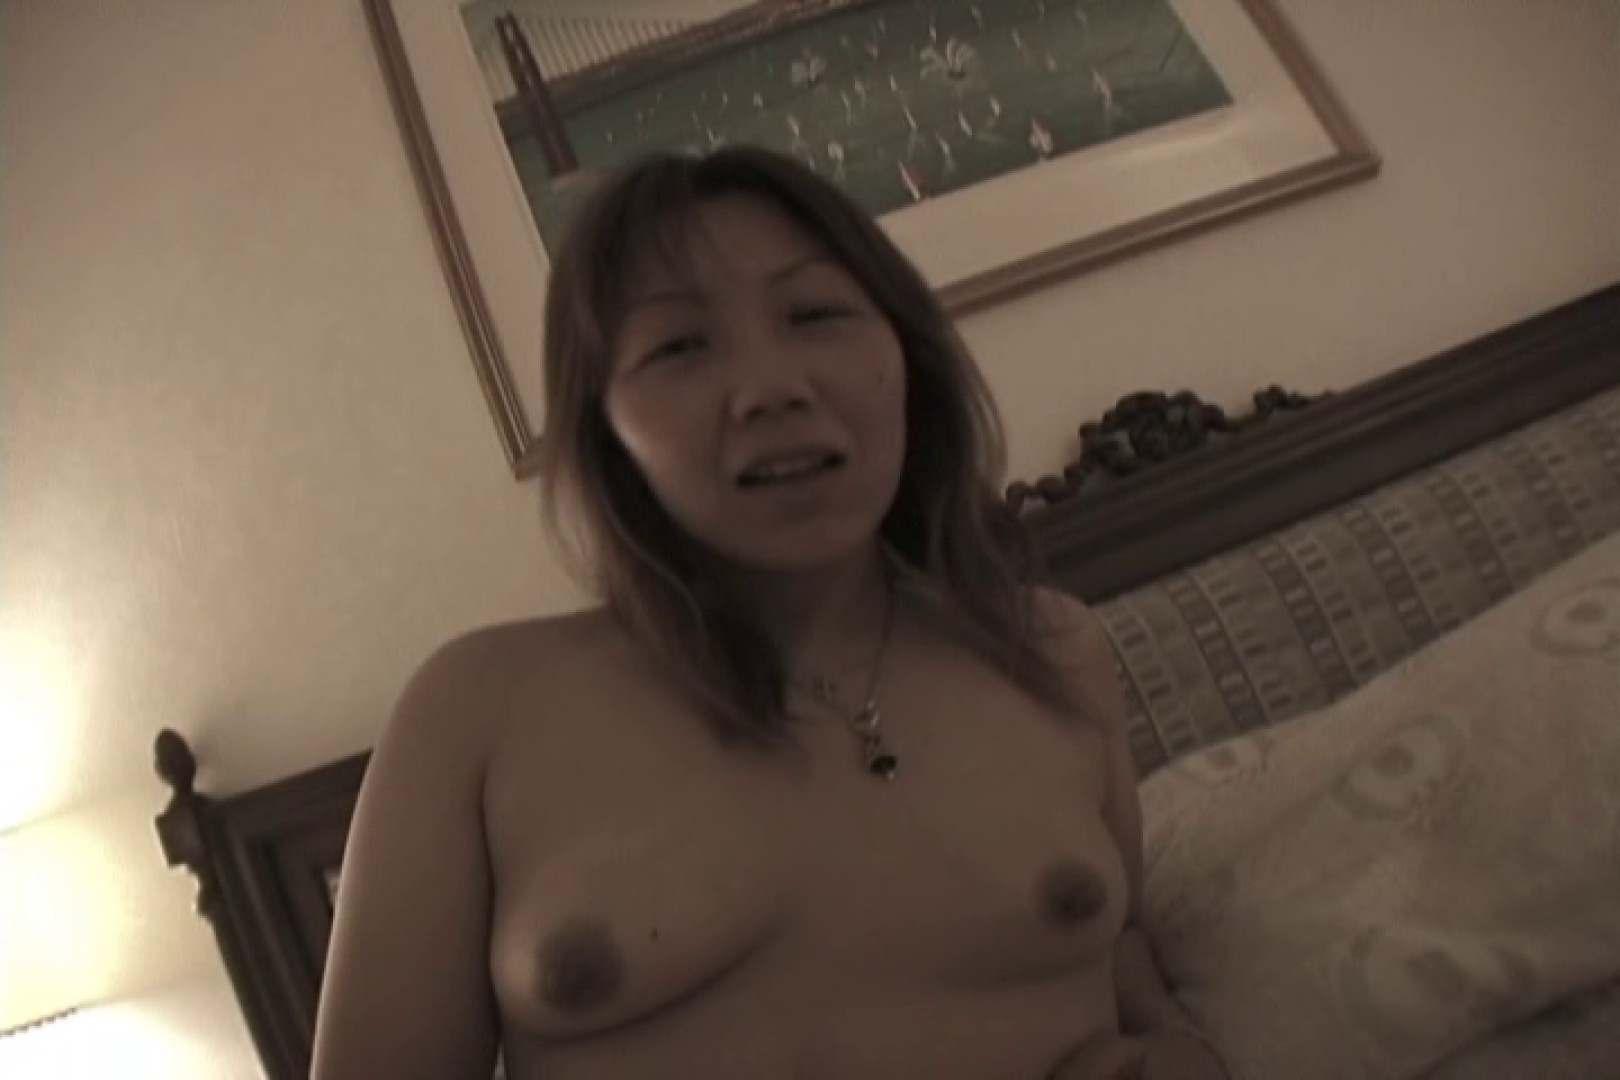 ツンデレ素人嬢もチンポには弱い~増田あけみ~ フェラ | 素人流出  52PIX 39